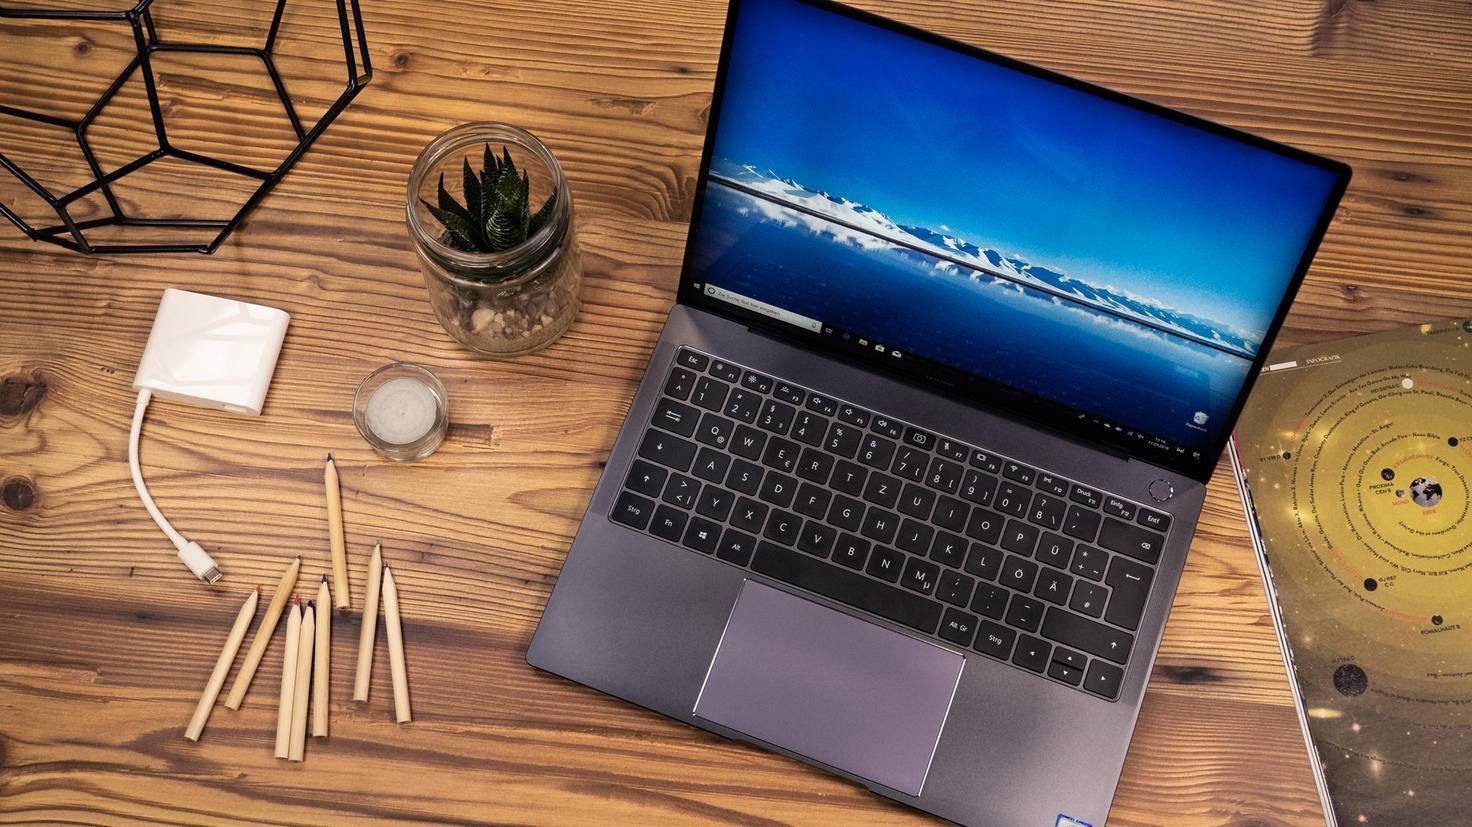 Huawei-MateBook-X-Pro-TURN-ON-8